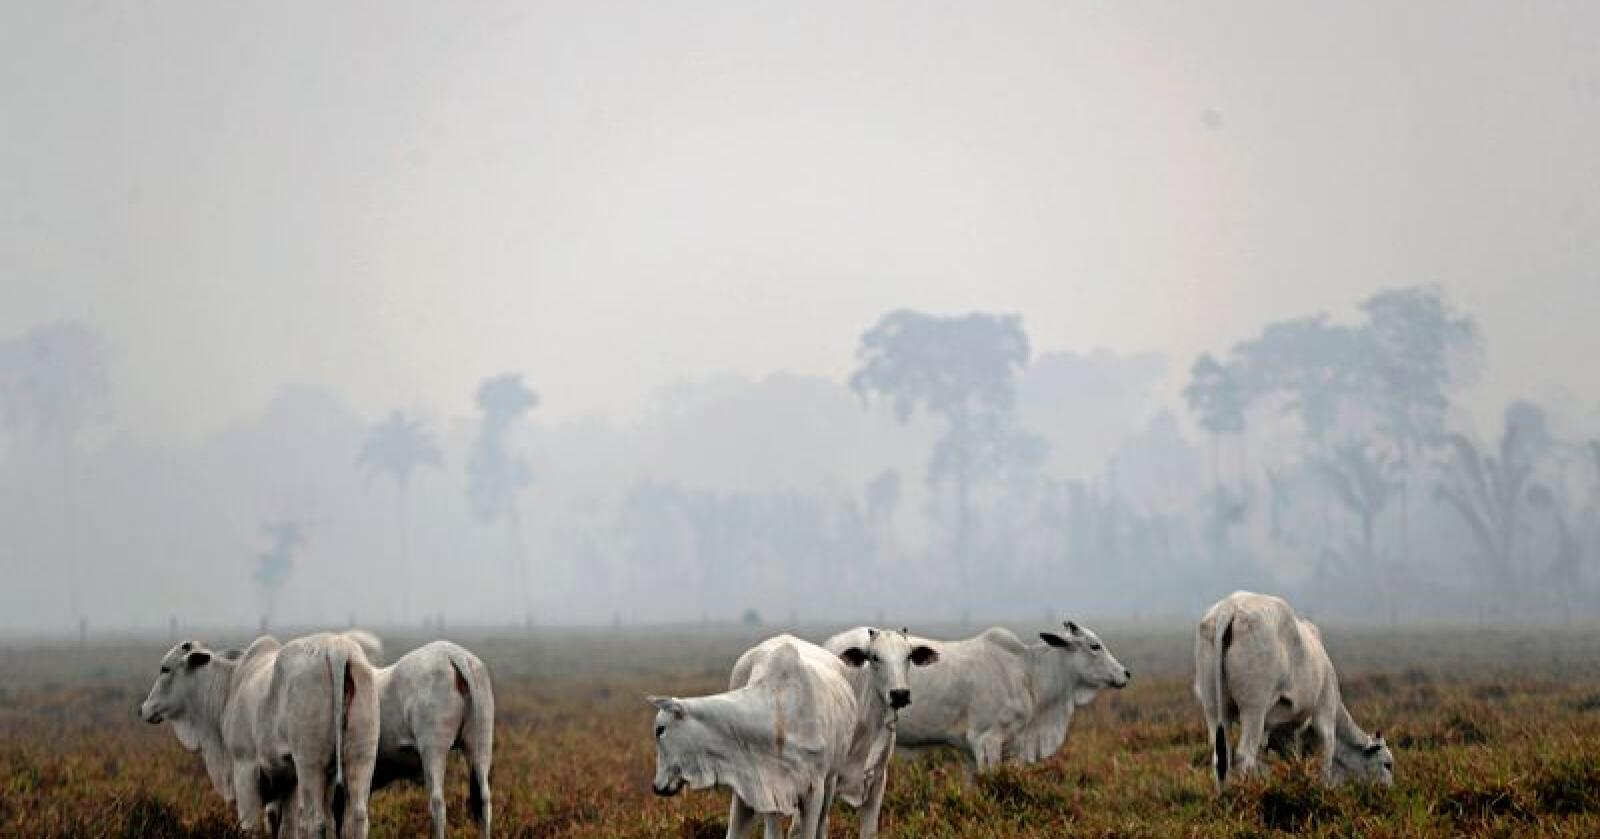 Forsvinner: Regnskogen i Brasil forsvinner hurtig som følge av både kjøttproduksjon og nedbrenning. Foto: Eraldo Peres/AP/NTB scanpix